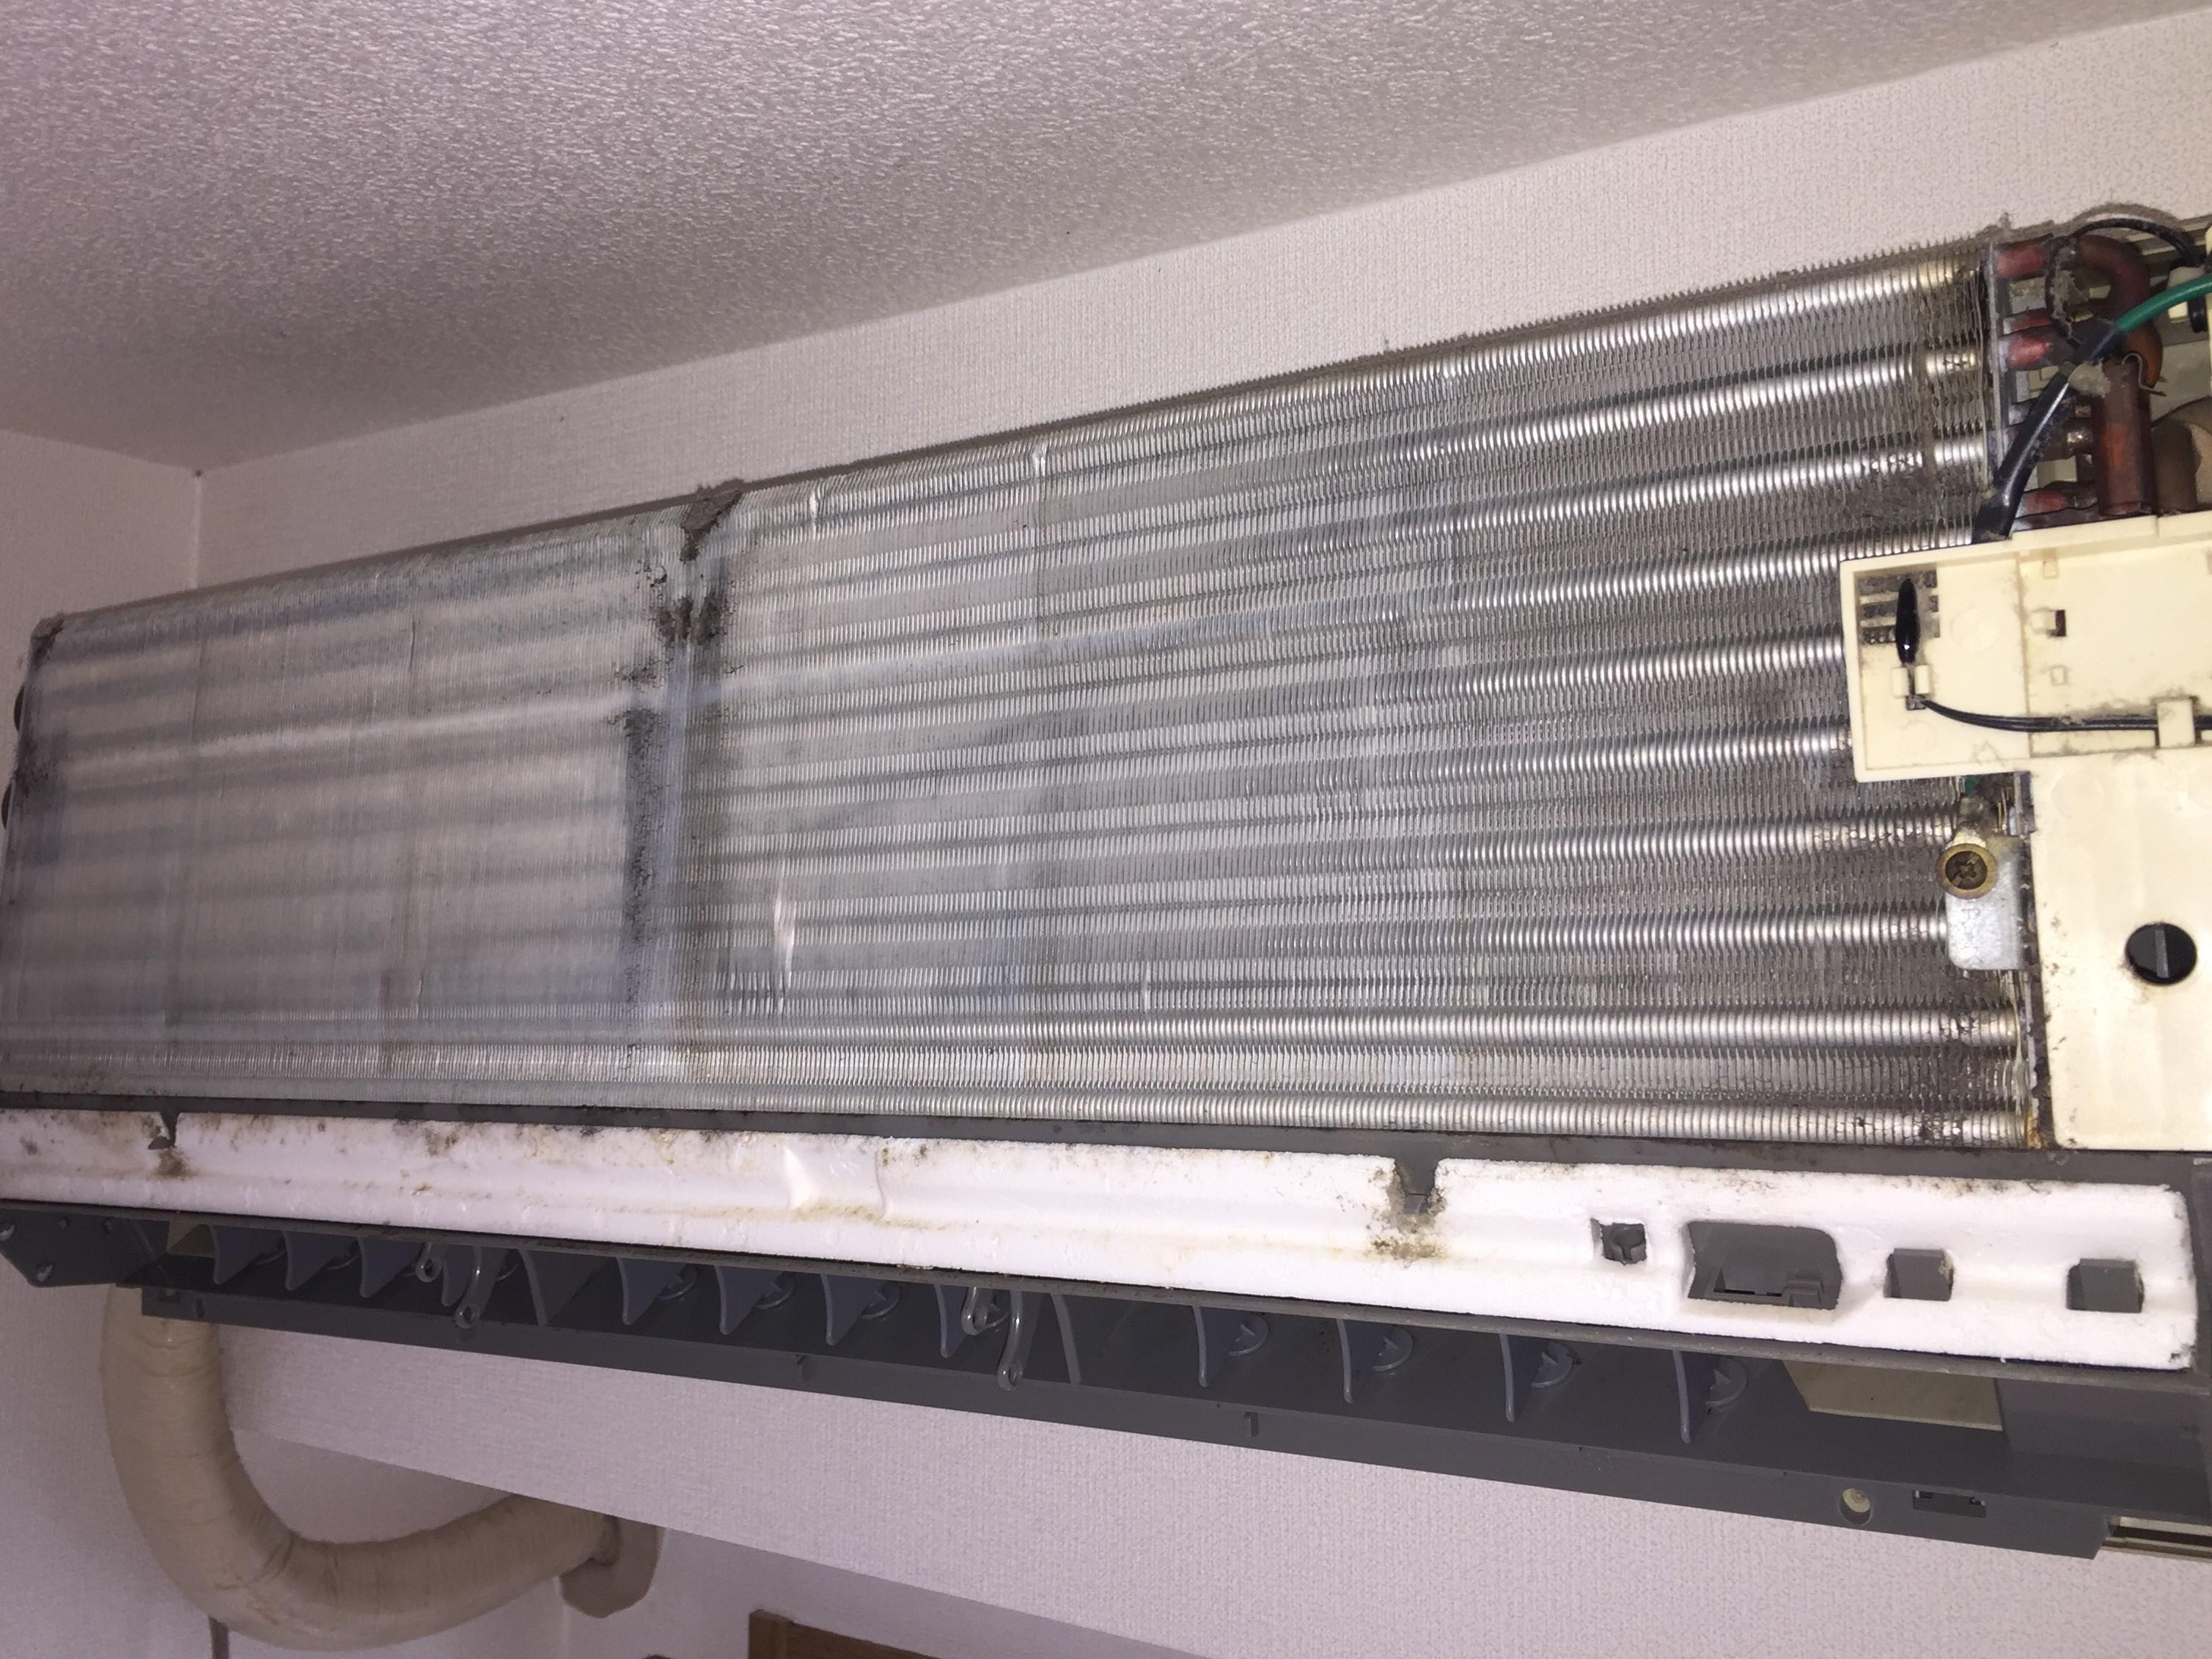 エアコン清掃 おそうじプラス エアコンクリーニング#壁掛け#すっきり#きれい#ハウスクリーニング!エアコン掃除プロにお任せ下さい。#おそうじプラス